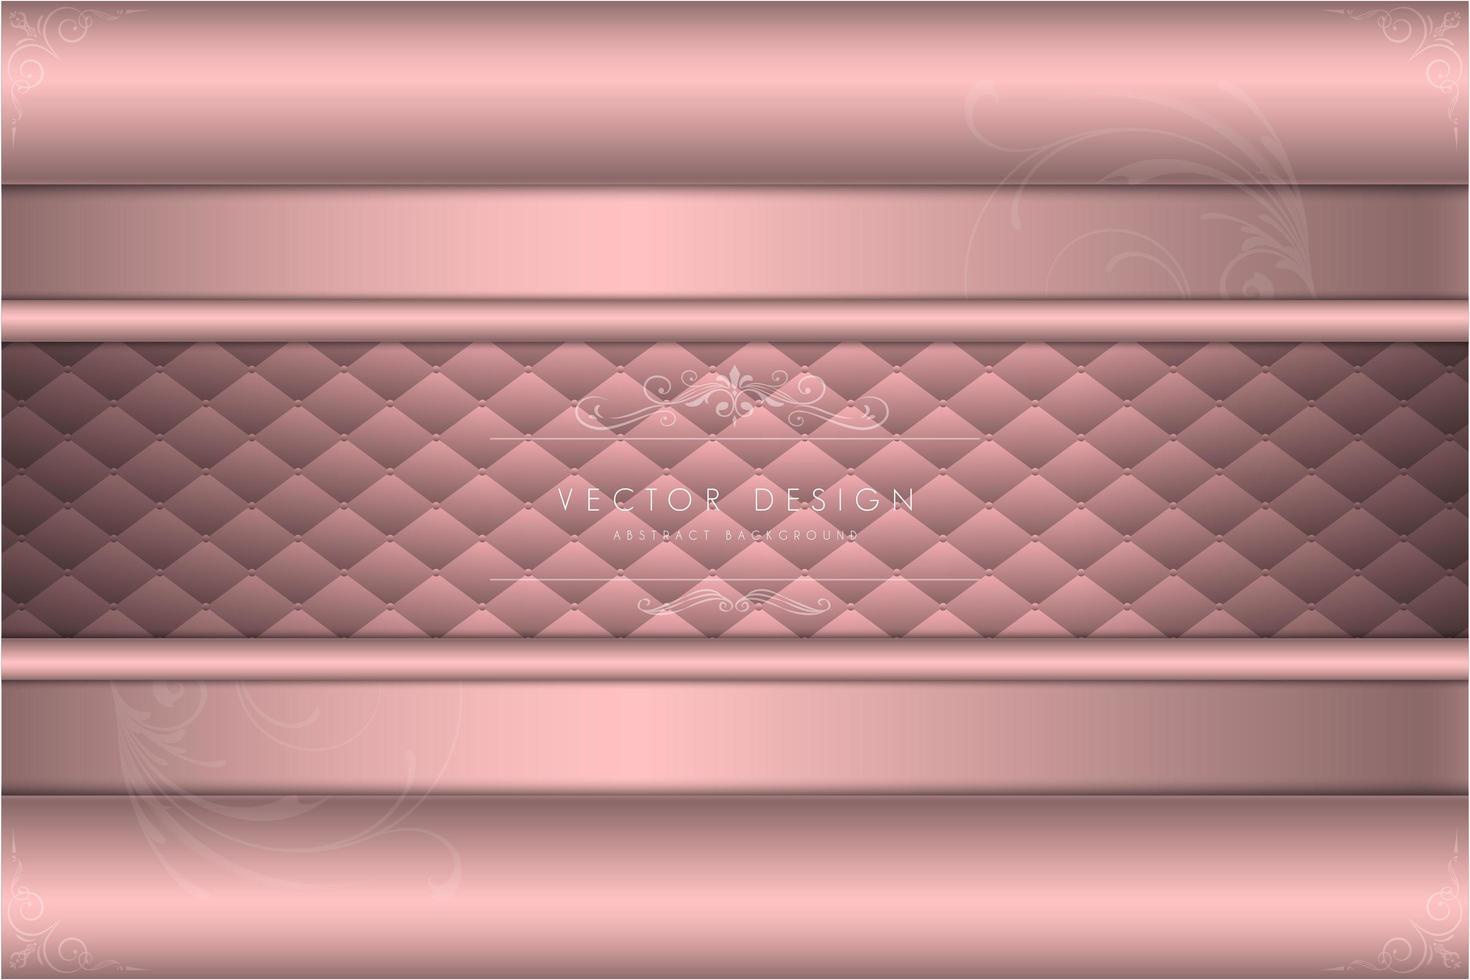 métal rose de luxe avec fond de rembourrage vecteur